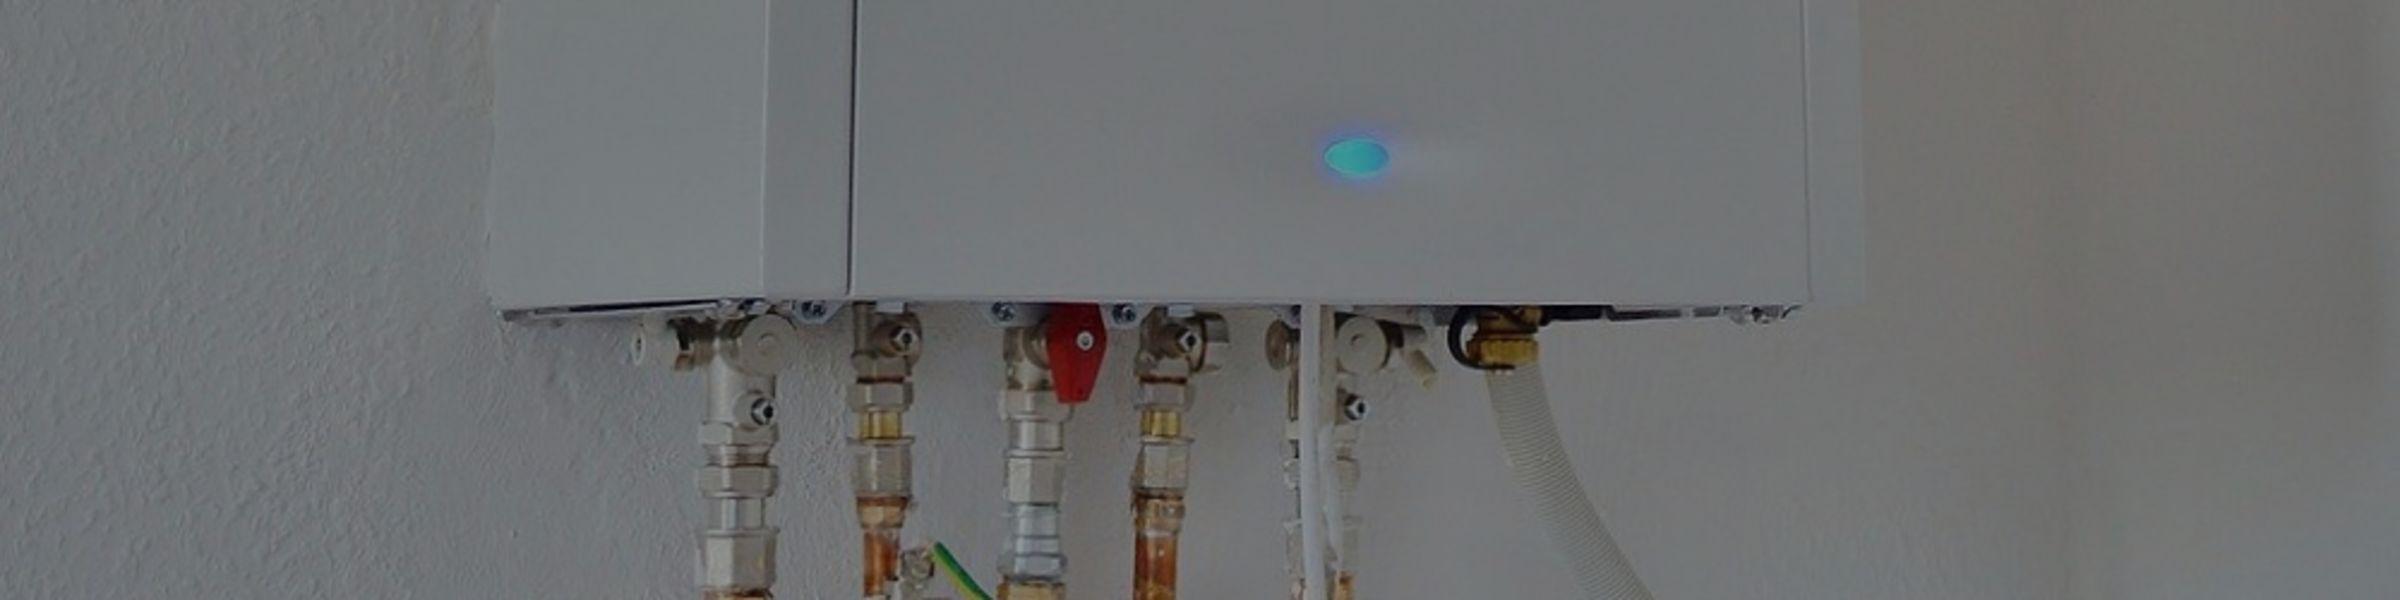 geyser repairs pros in Alberton